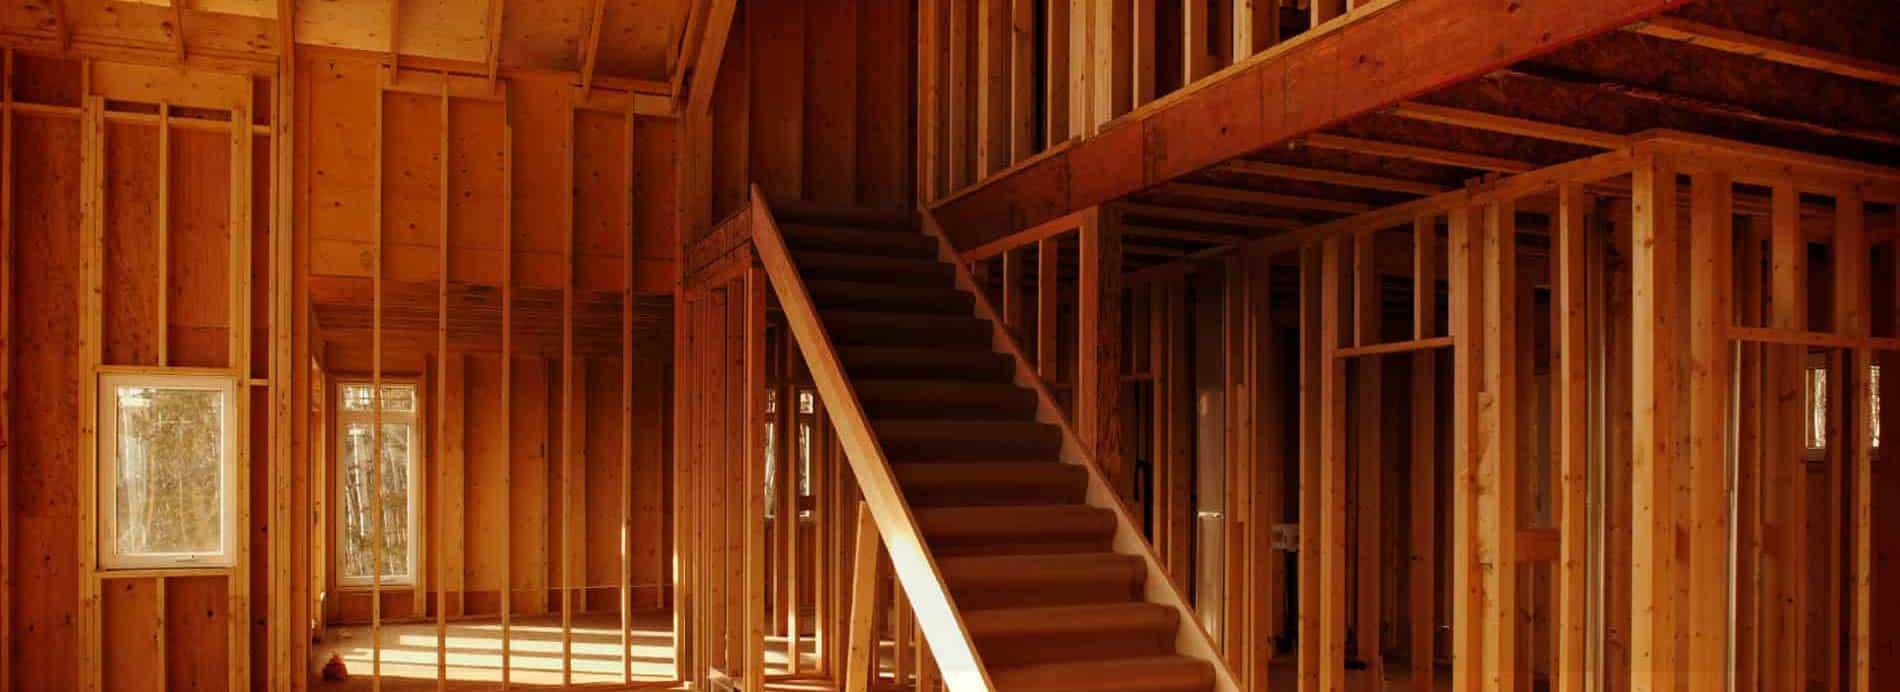 Warranties for New Homes and Remodeler Warranties